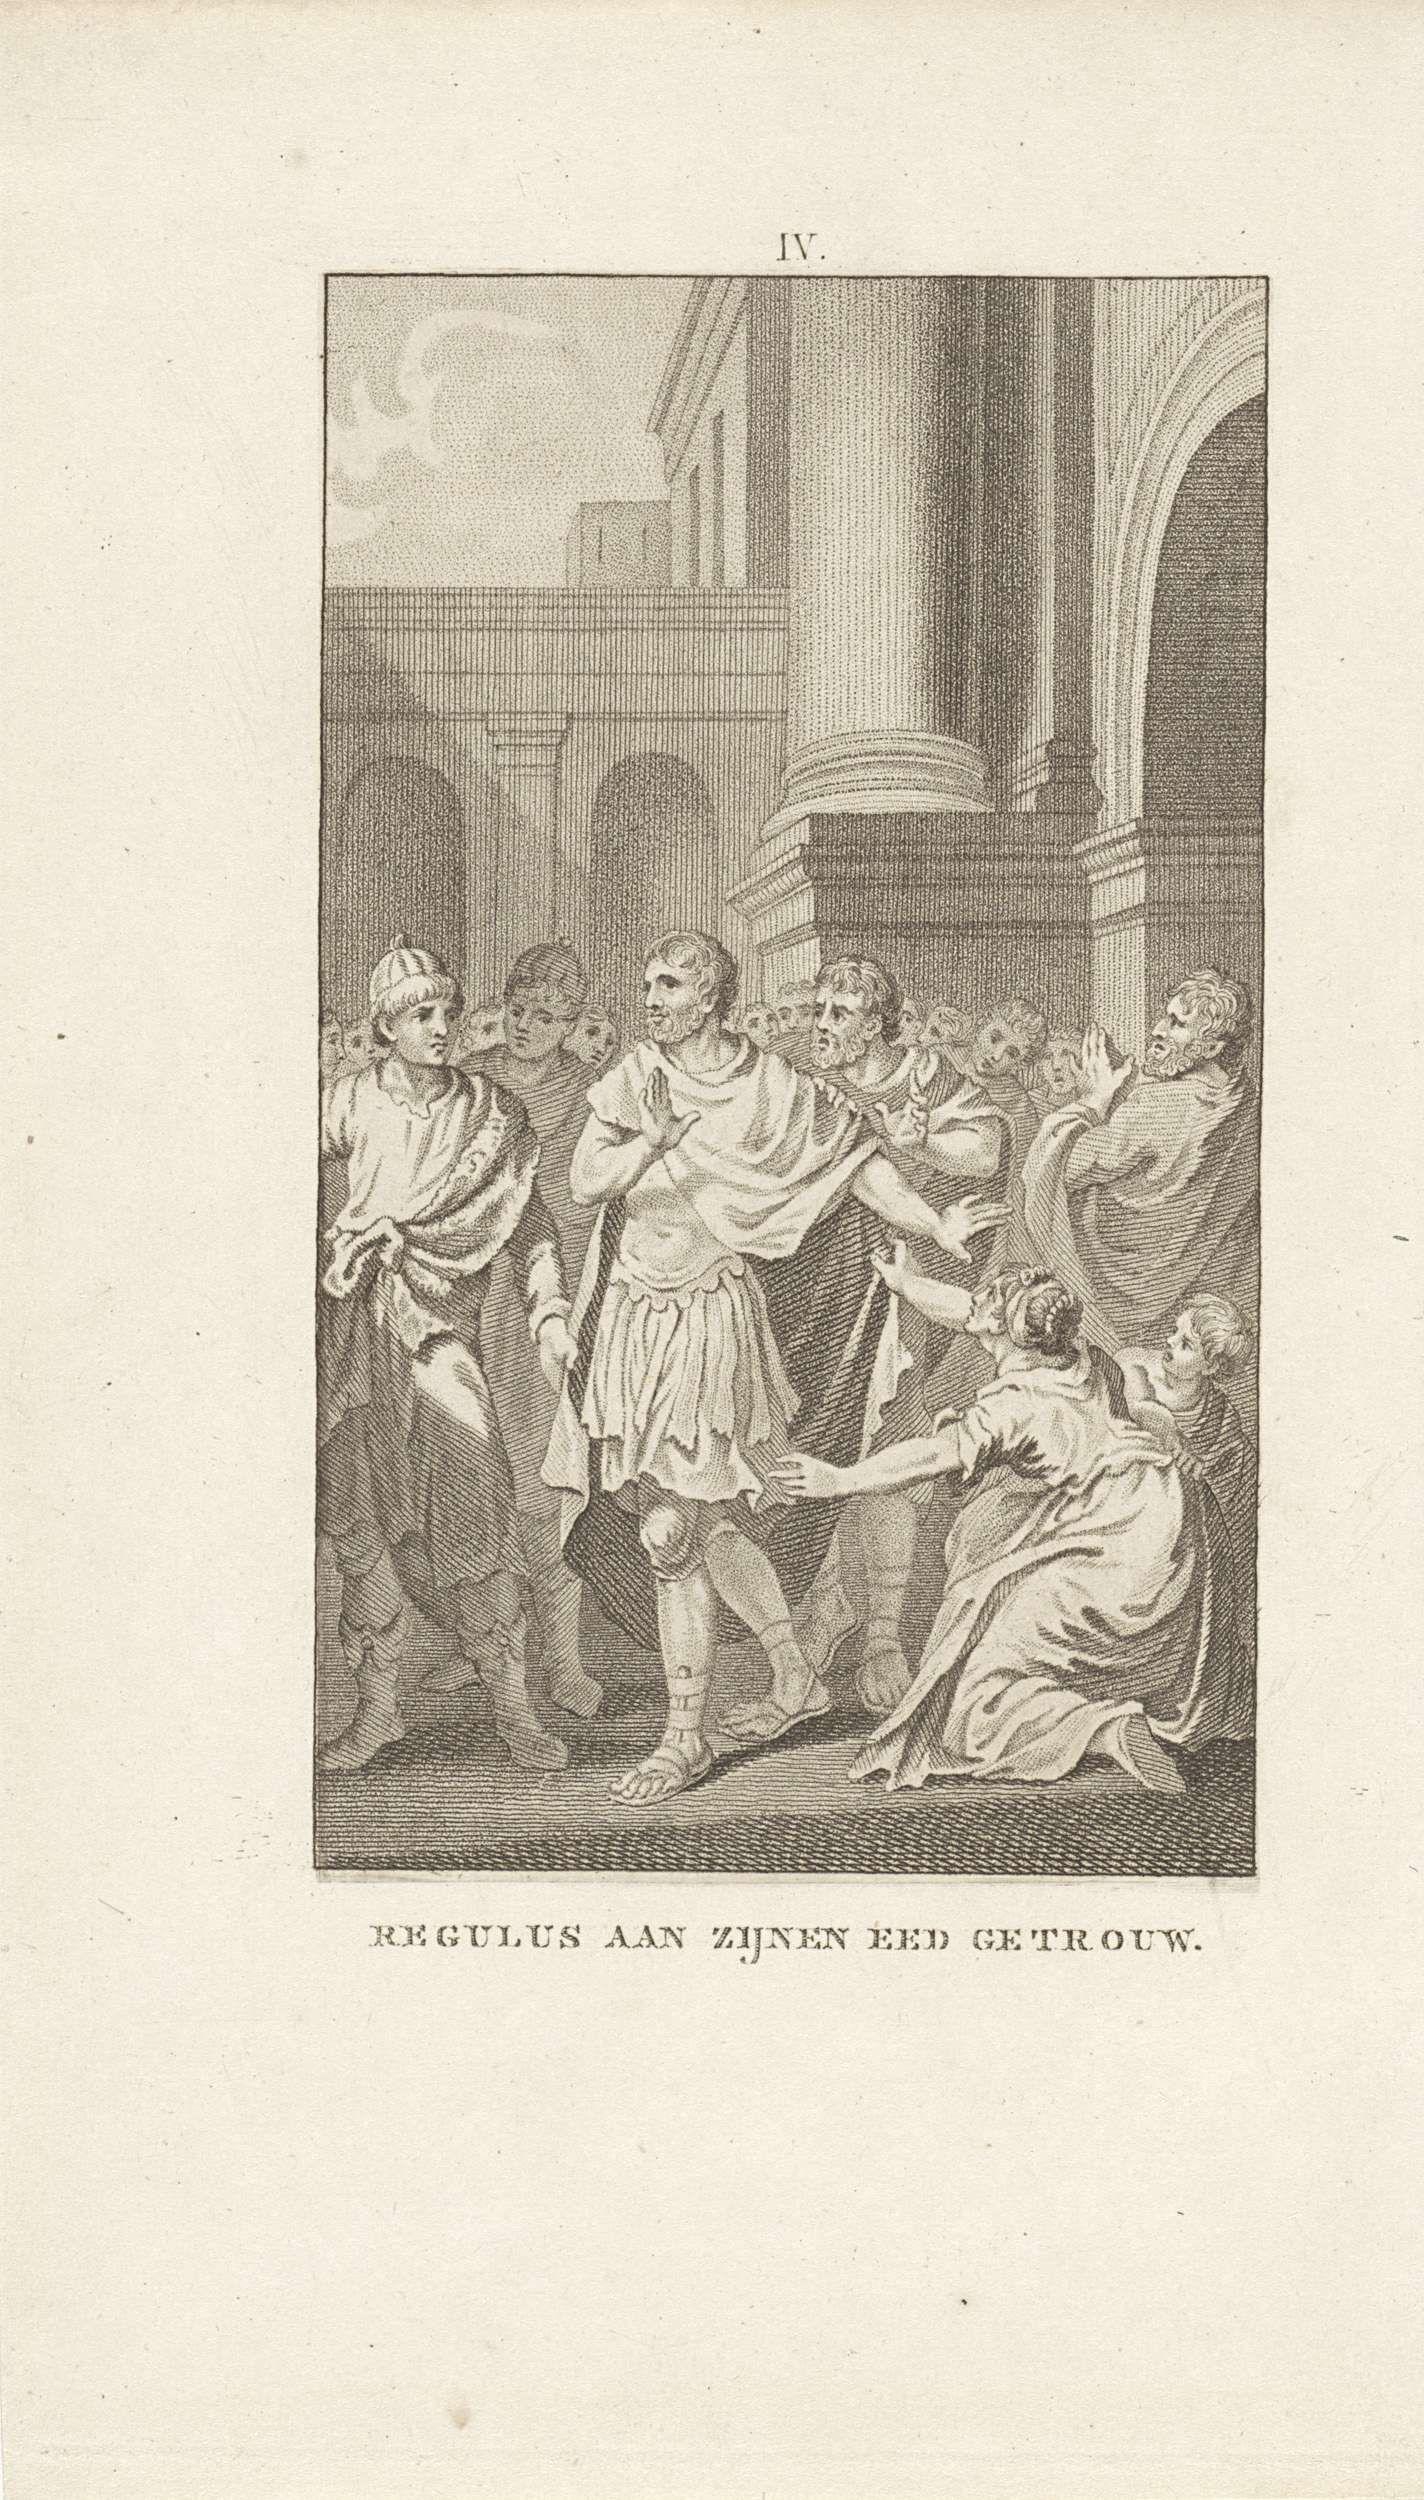 Ludwig Gottlieb Portman   Marcus Atilius Regulus vertrekt uit Rome, Ludwig Gottlieb Portman, Jacobus Buys, 1794   De Romeinse legeraanvoerder Regulus keert, trouw aan zijn gegeven woord, terug naar het vijandelijke Carthago nadat hij de Romeinse senaat adviseerde om niet te onderhandelen met de Carthagers. Daar zal hem een marteldood wachten.